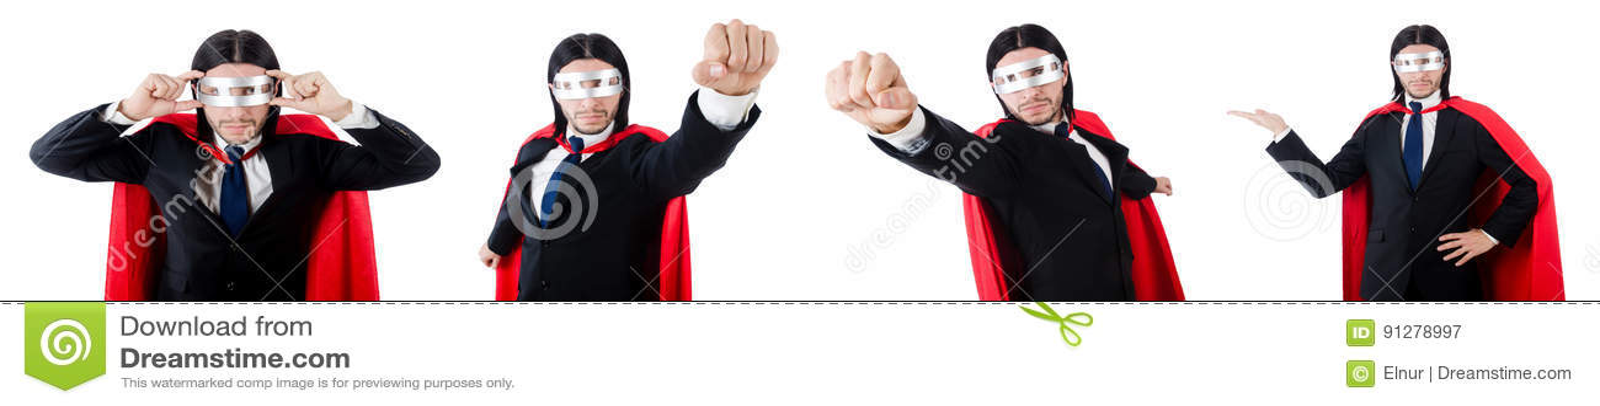 Mannen i röd räkning på vit